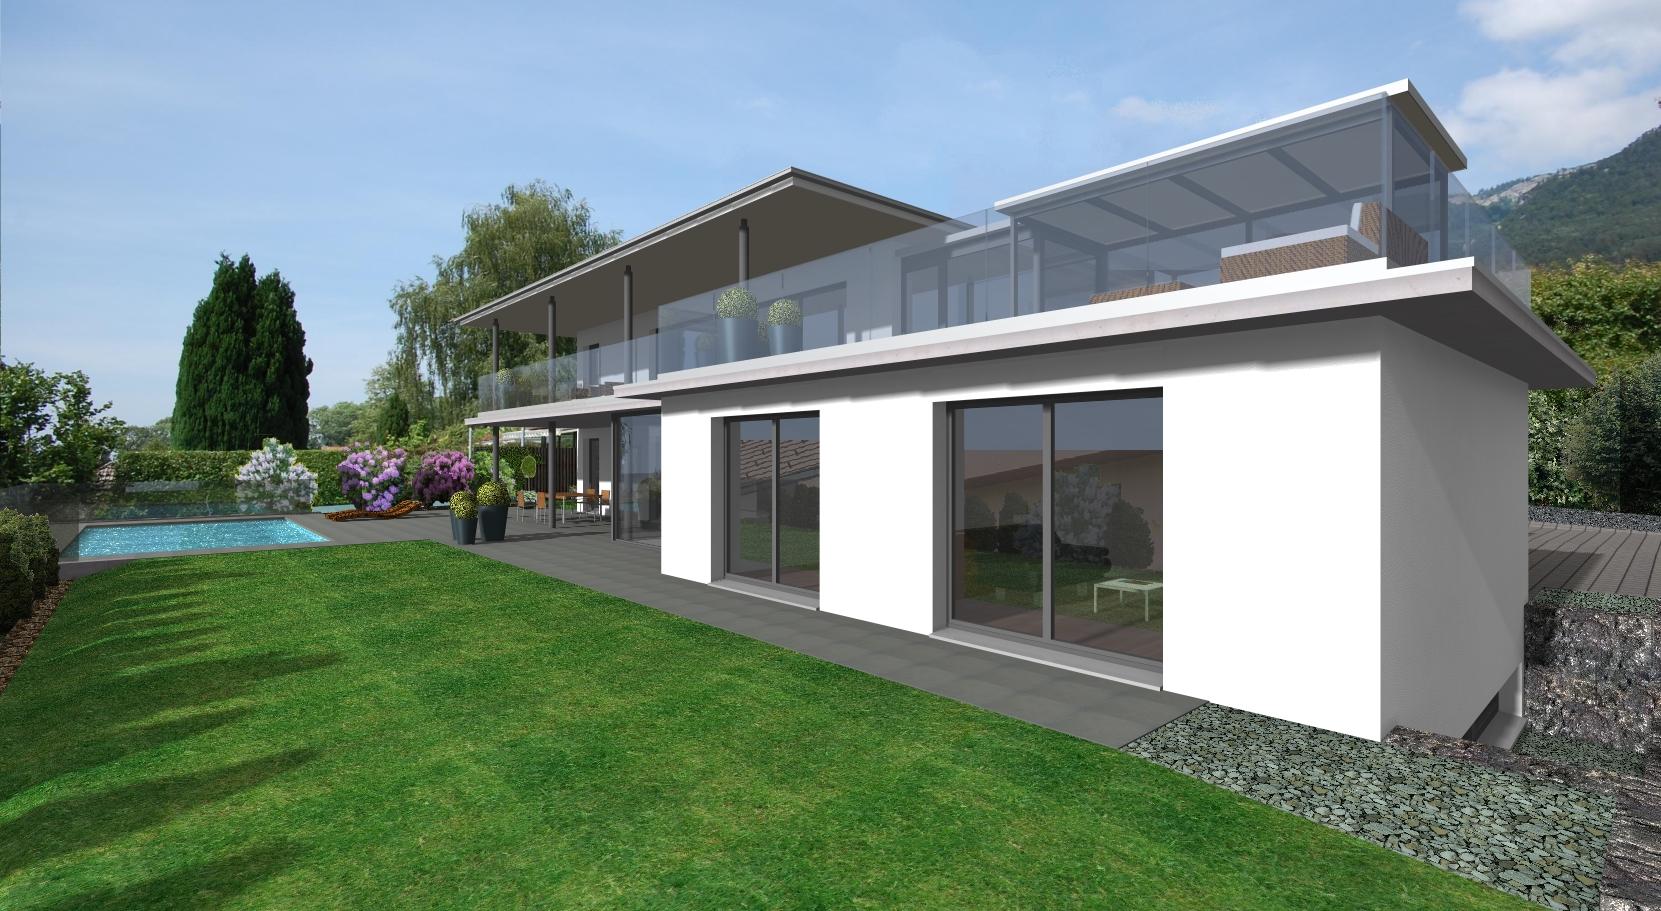 Einfamilienhaus h nselsmatt bettlach architektur und for Raumgestaltung architektur